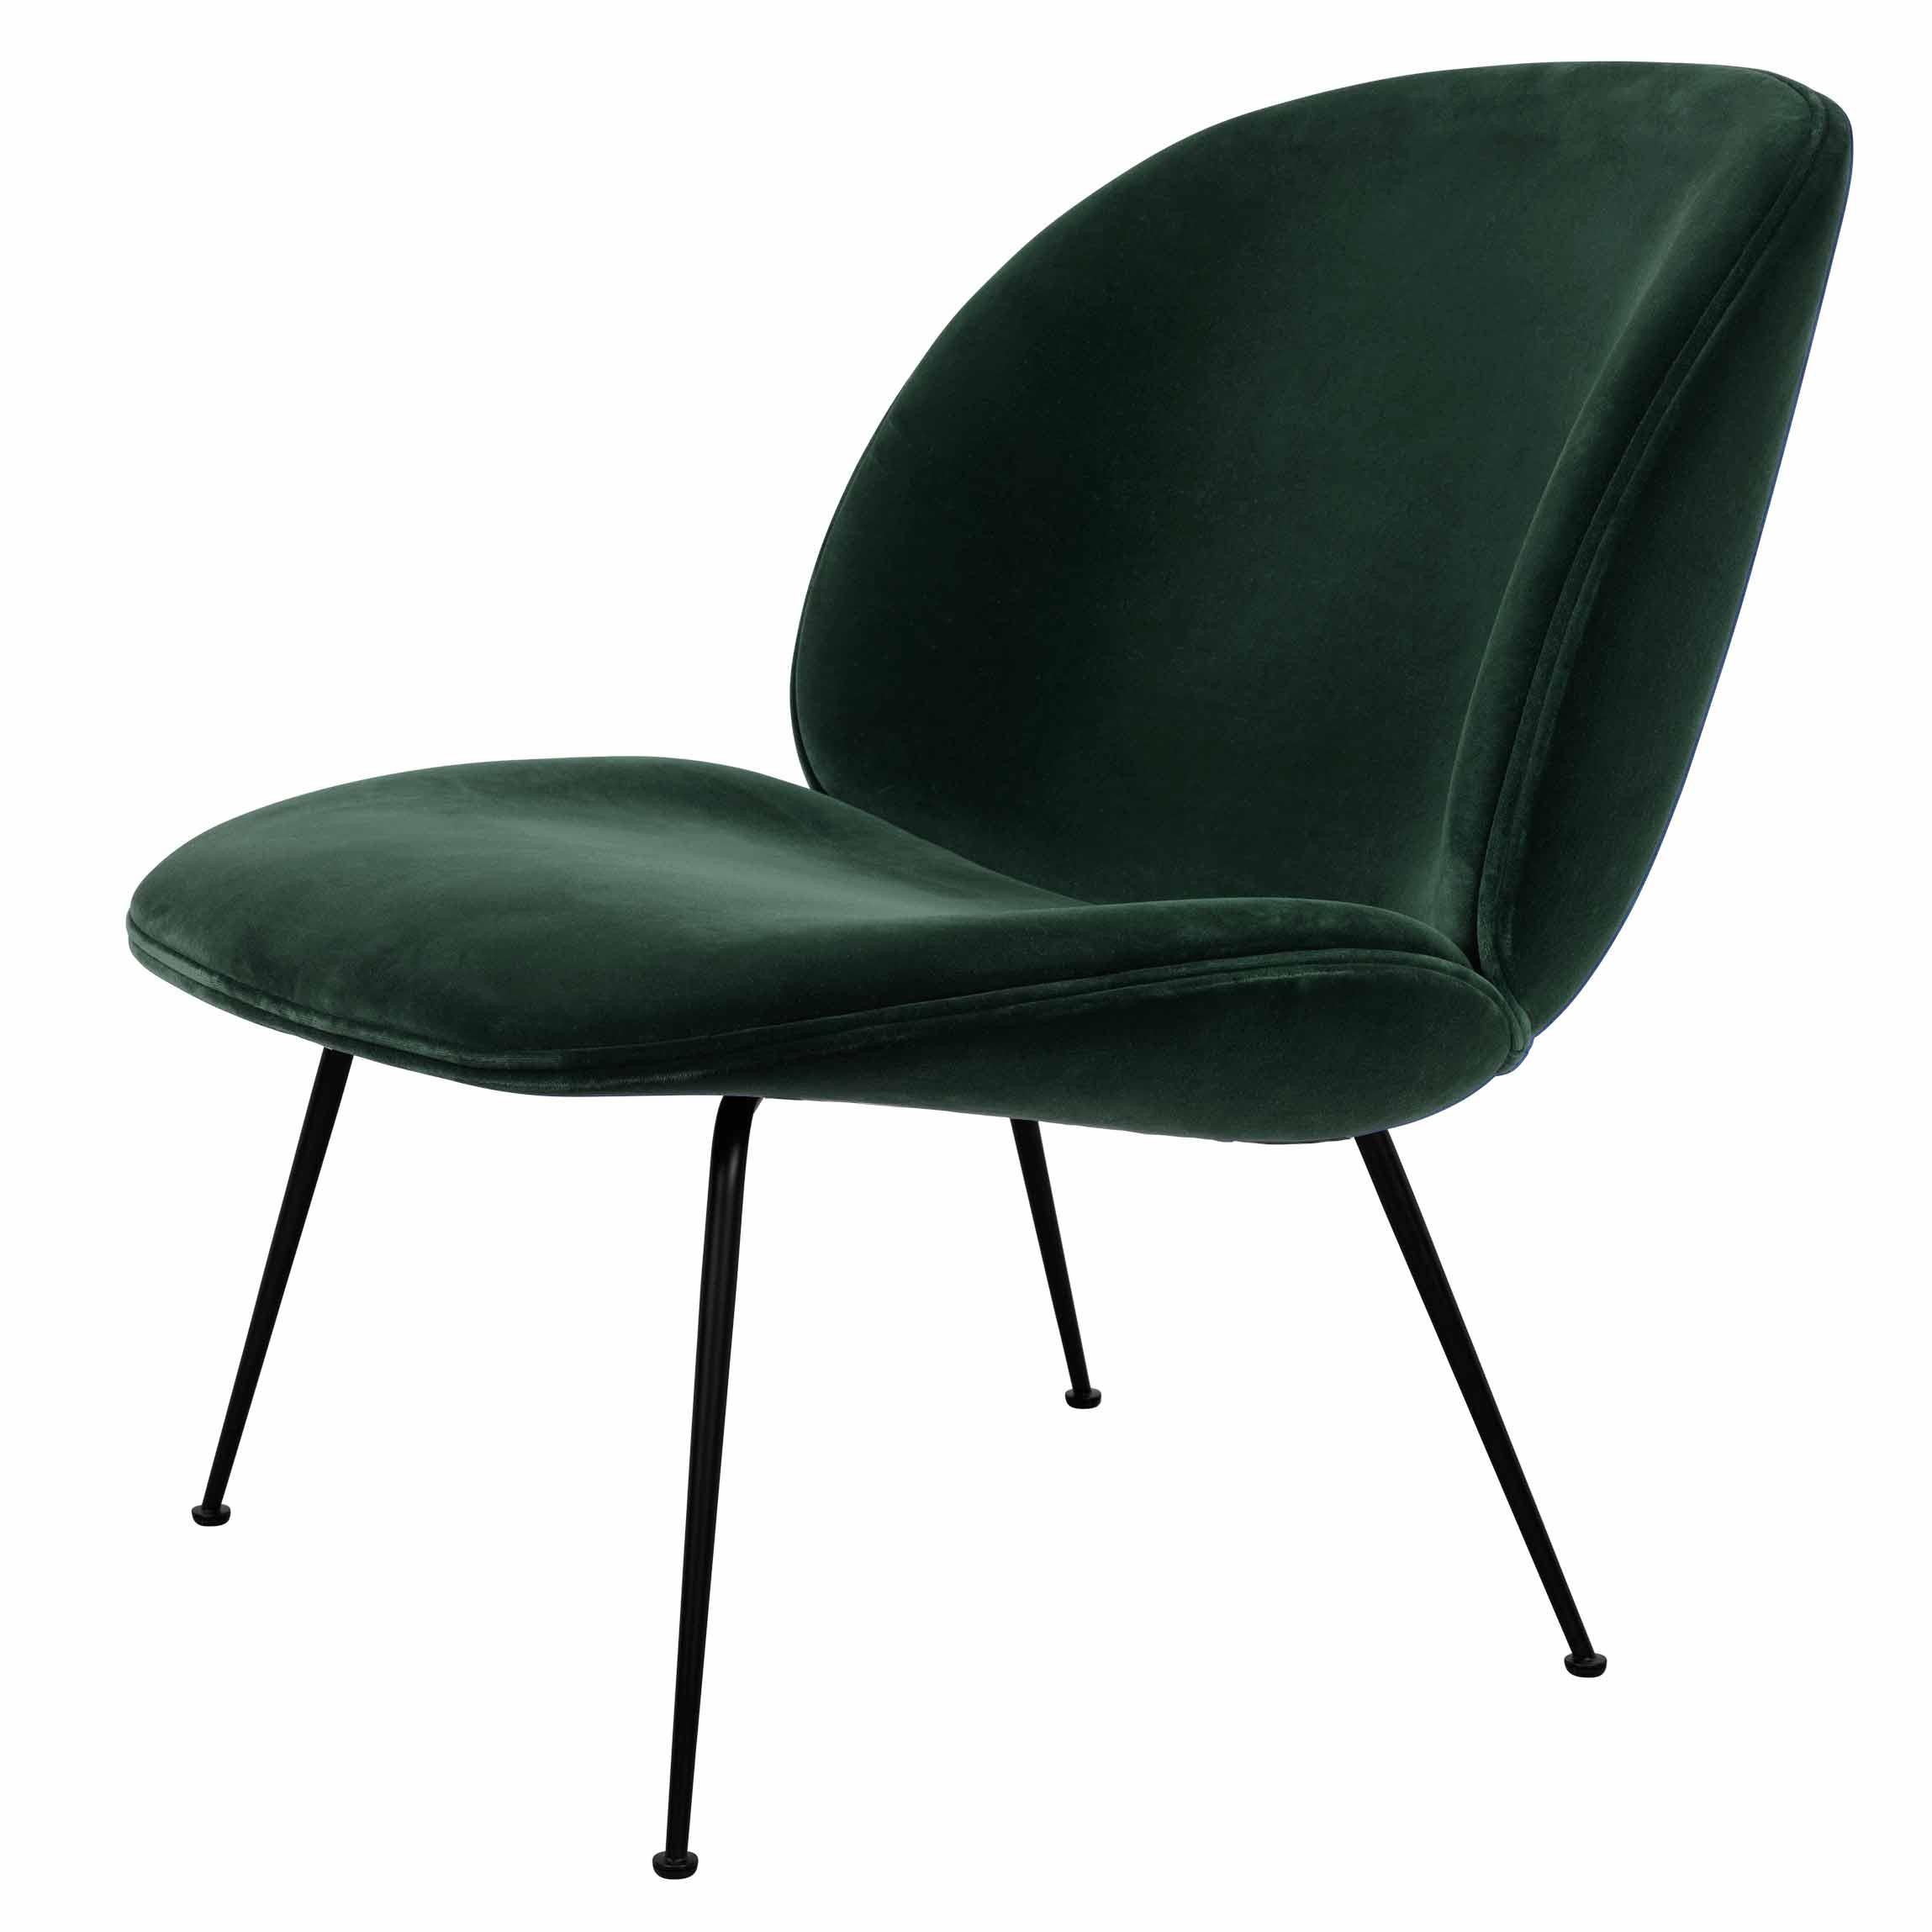 Terrific Beetle Fully Upholstered Lounge Chair Moss Velvet Black Base Gamerscity Chair Design For Home Gamerscityorg